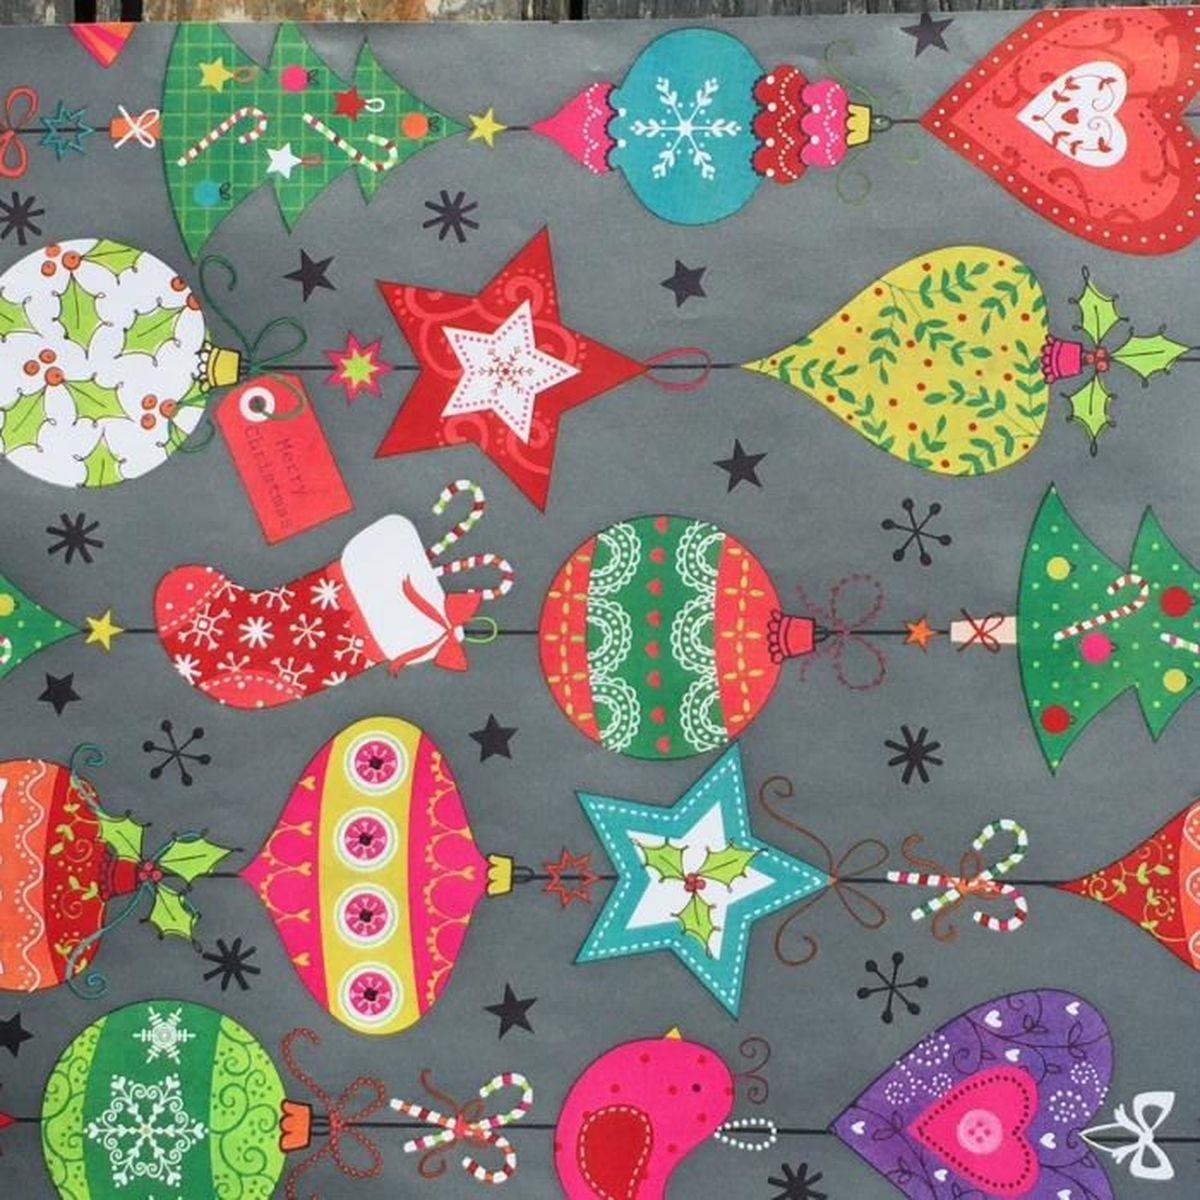 Papier cadeau Noël décor classique boules, coeurs, sapins sur fond